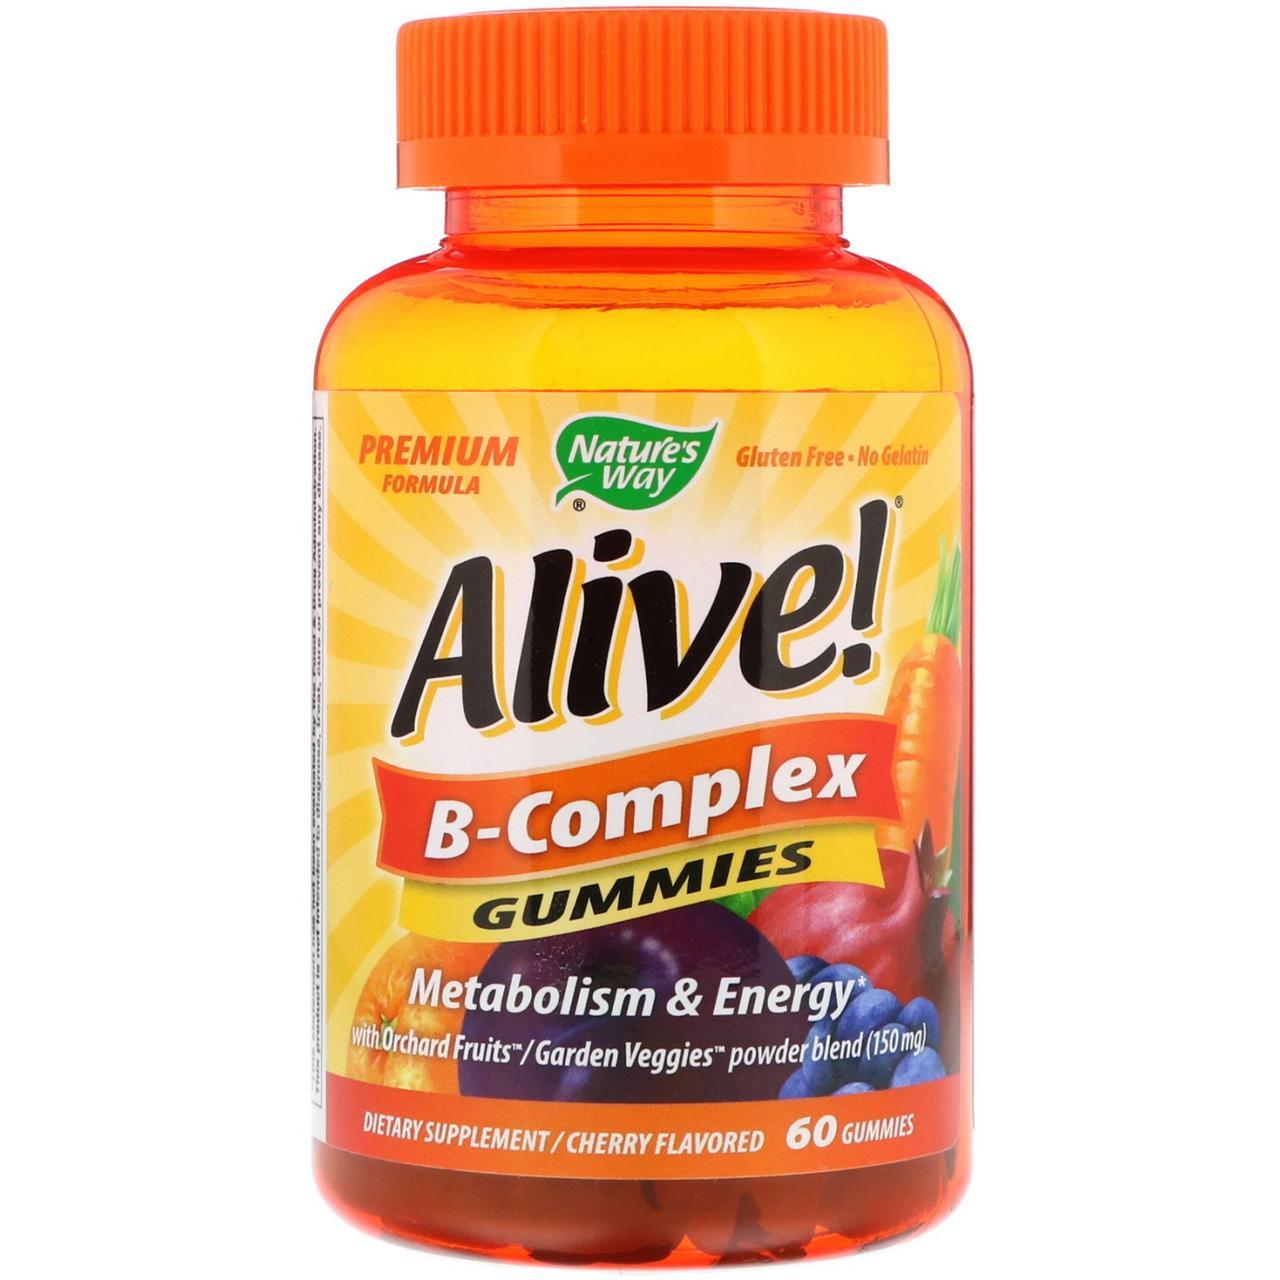 Комплекс витаминов группы В Nature's Way, Alive! вишневый вкус, 60 жевательных таблеток